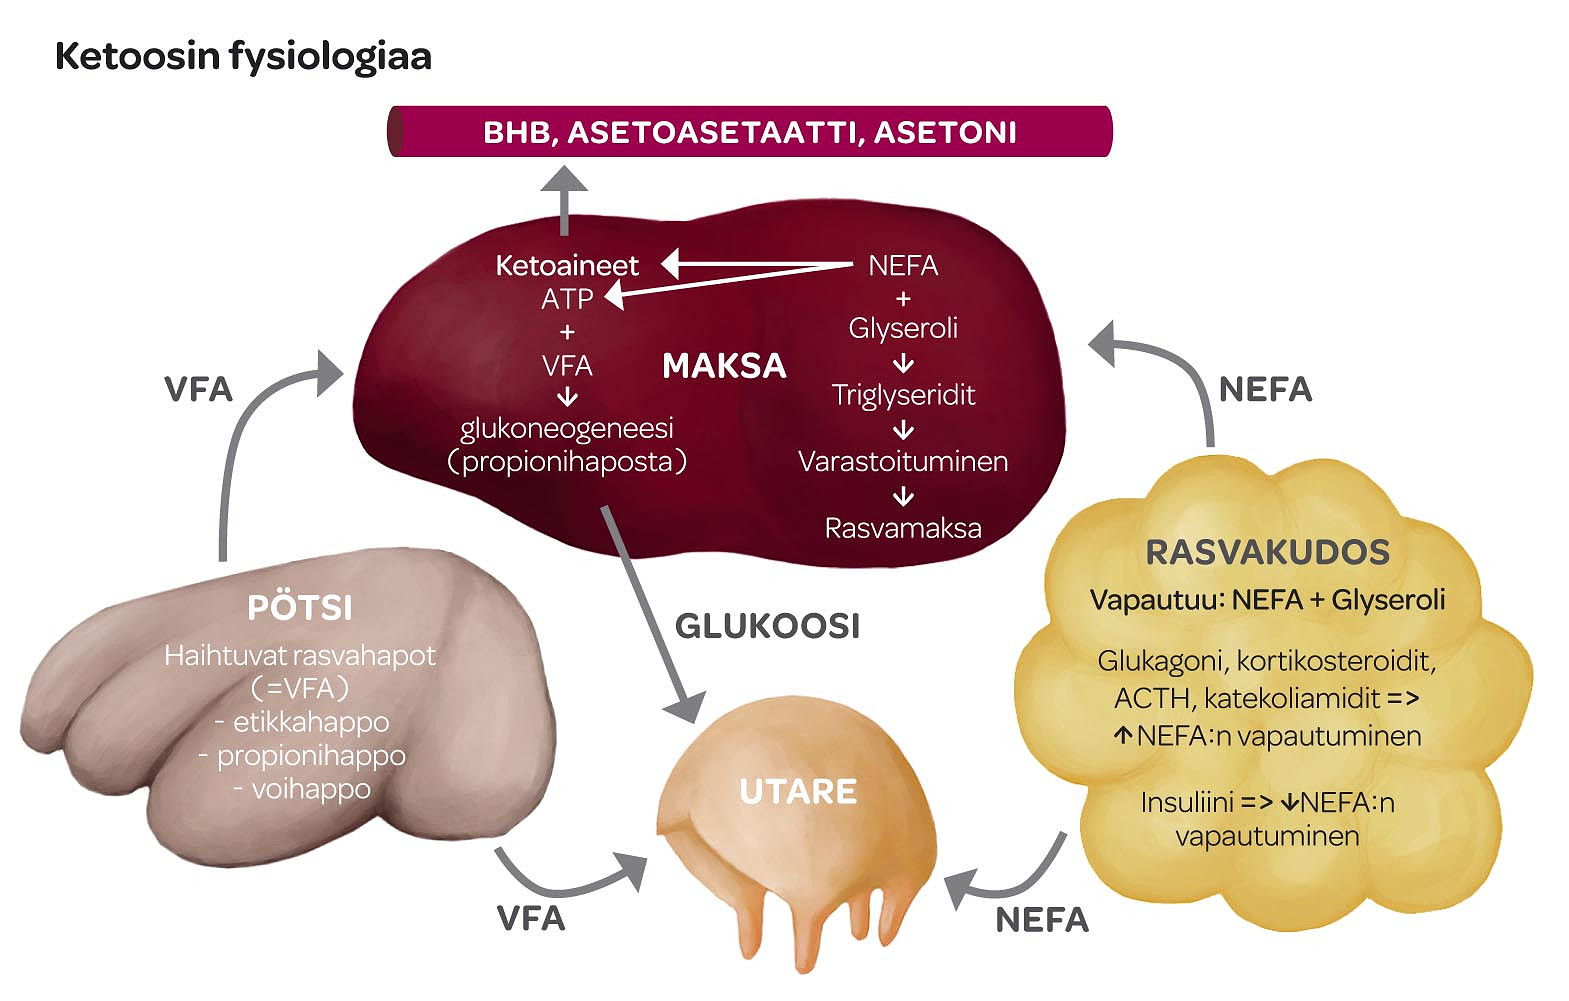 Kaavio ketoosin fysiologiasta